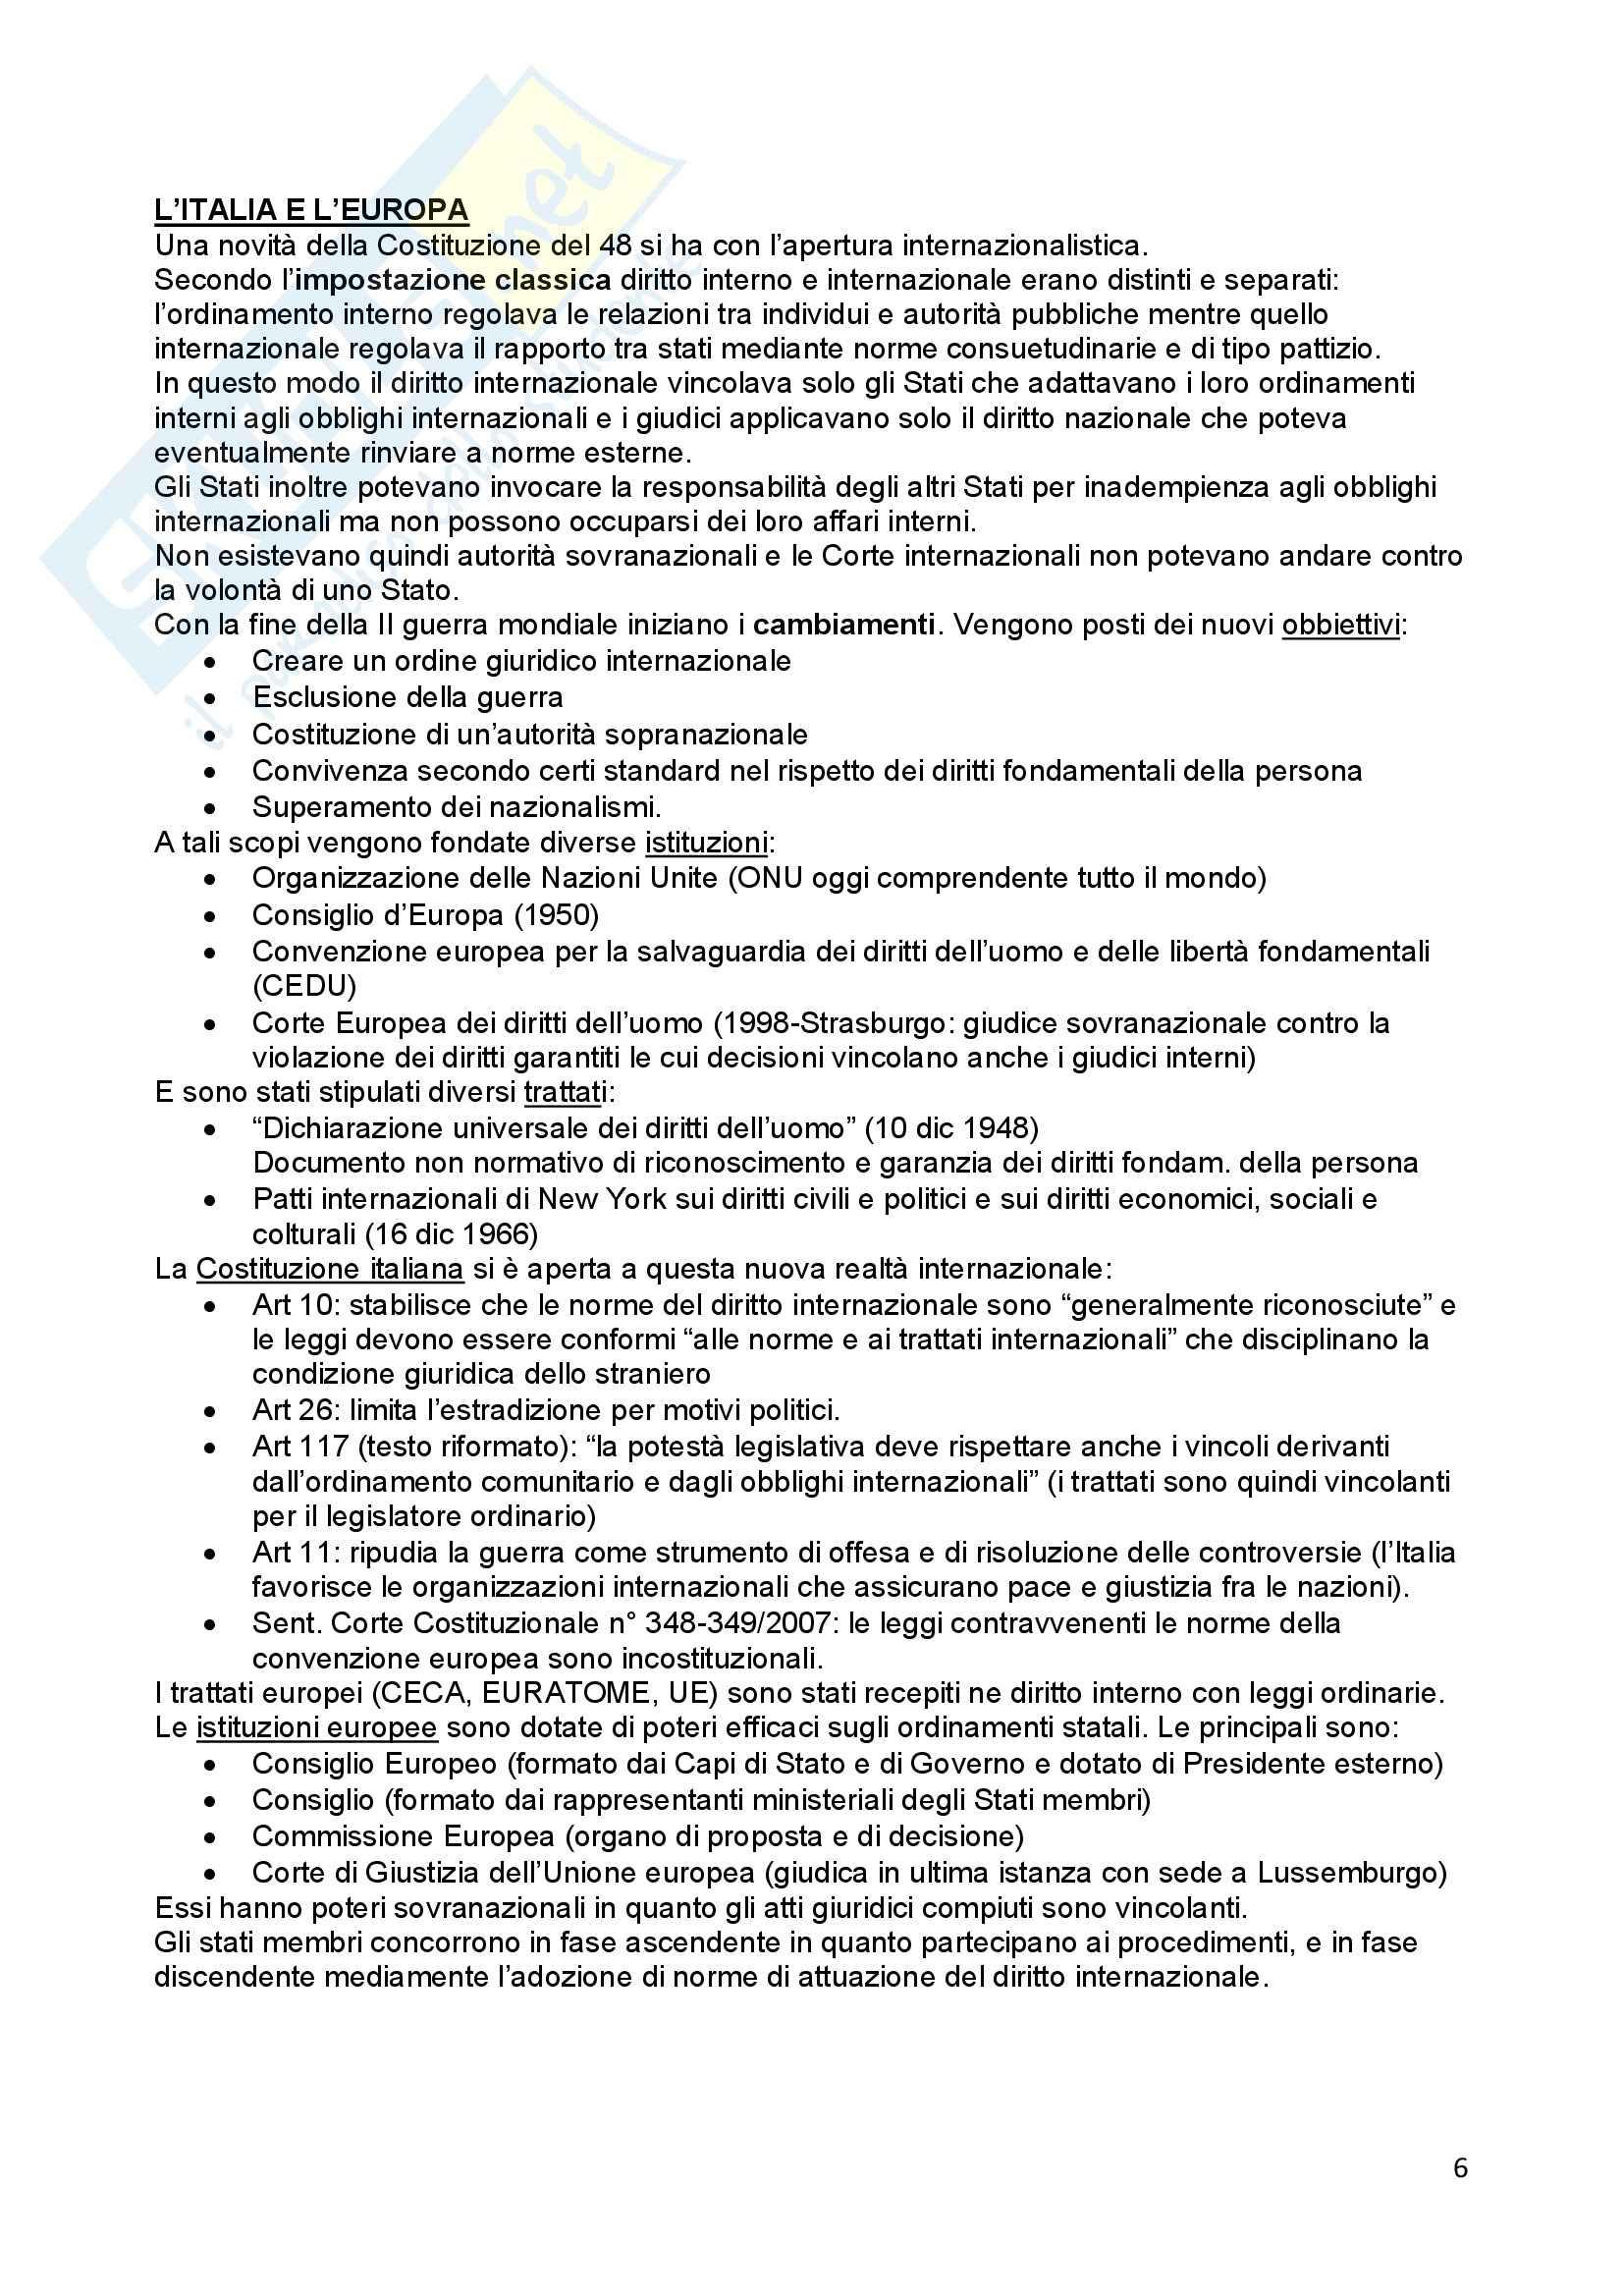 Riassunto esame Diritto Costituzionale, prof. Ferri, libro consigliato Compendio di Diritto Costituzionale,Onida e Pedrazza Gorlero Pag. 6